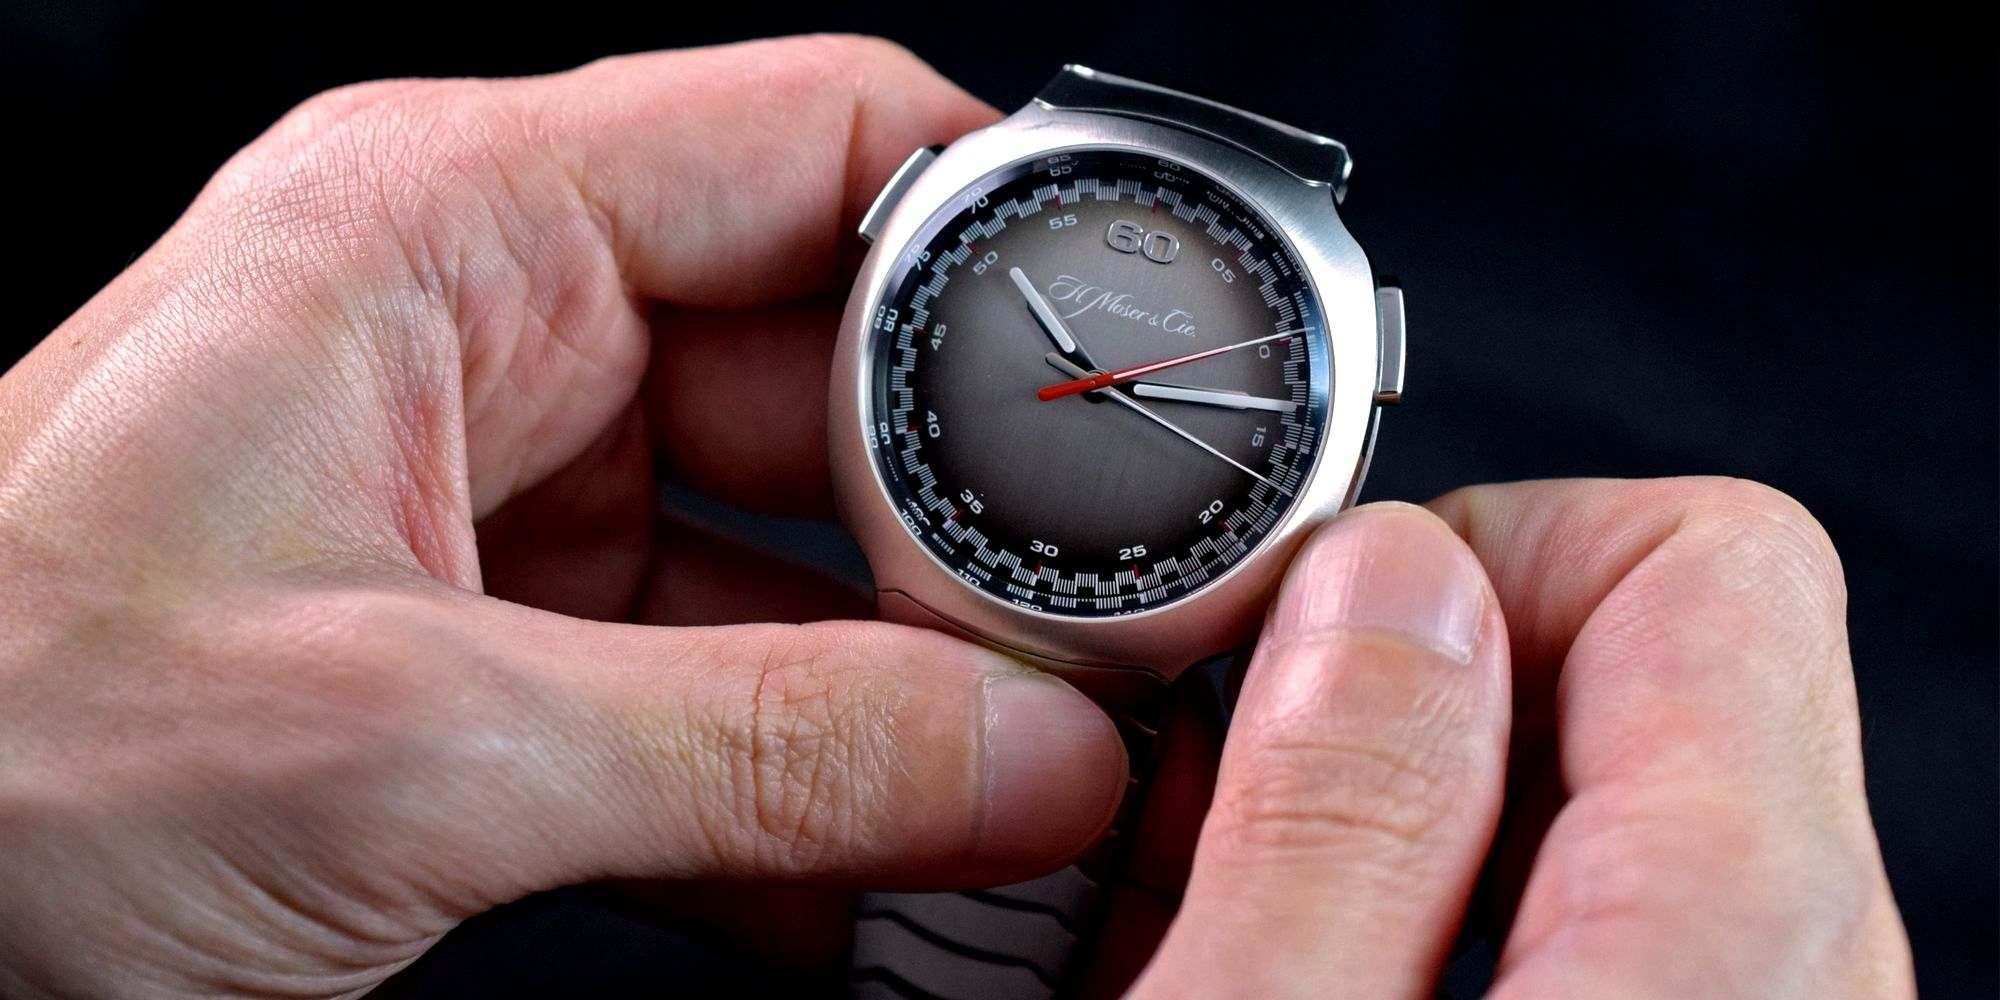 啟動腕上的高速火車:H. Moser & Cie.全新Streamliner飛返計時腕錶